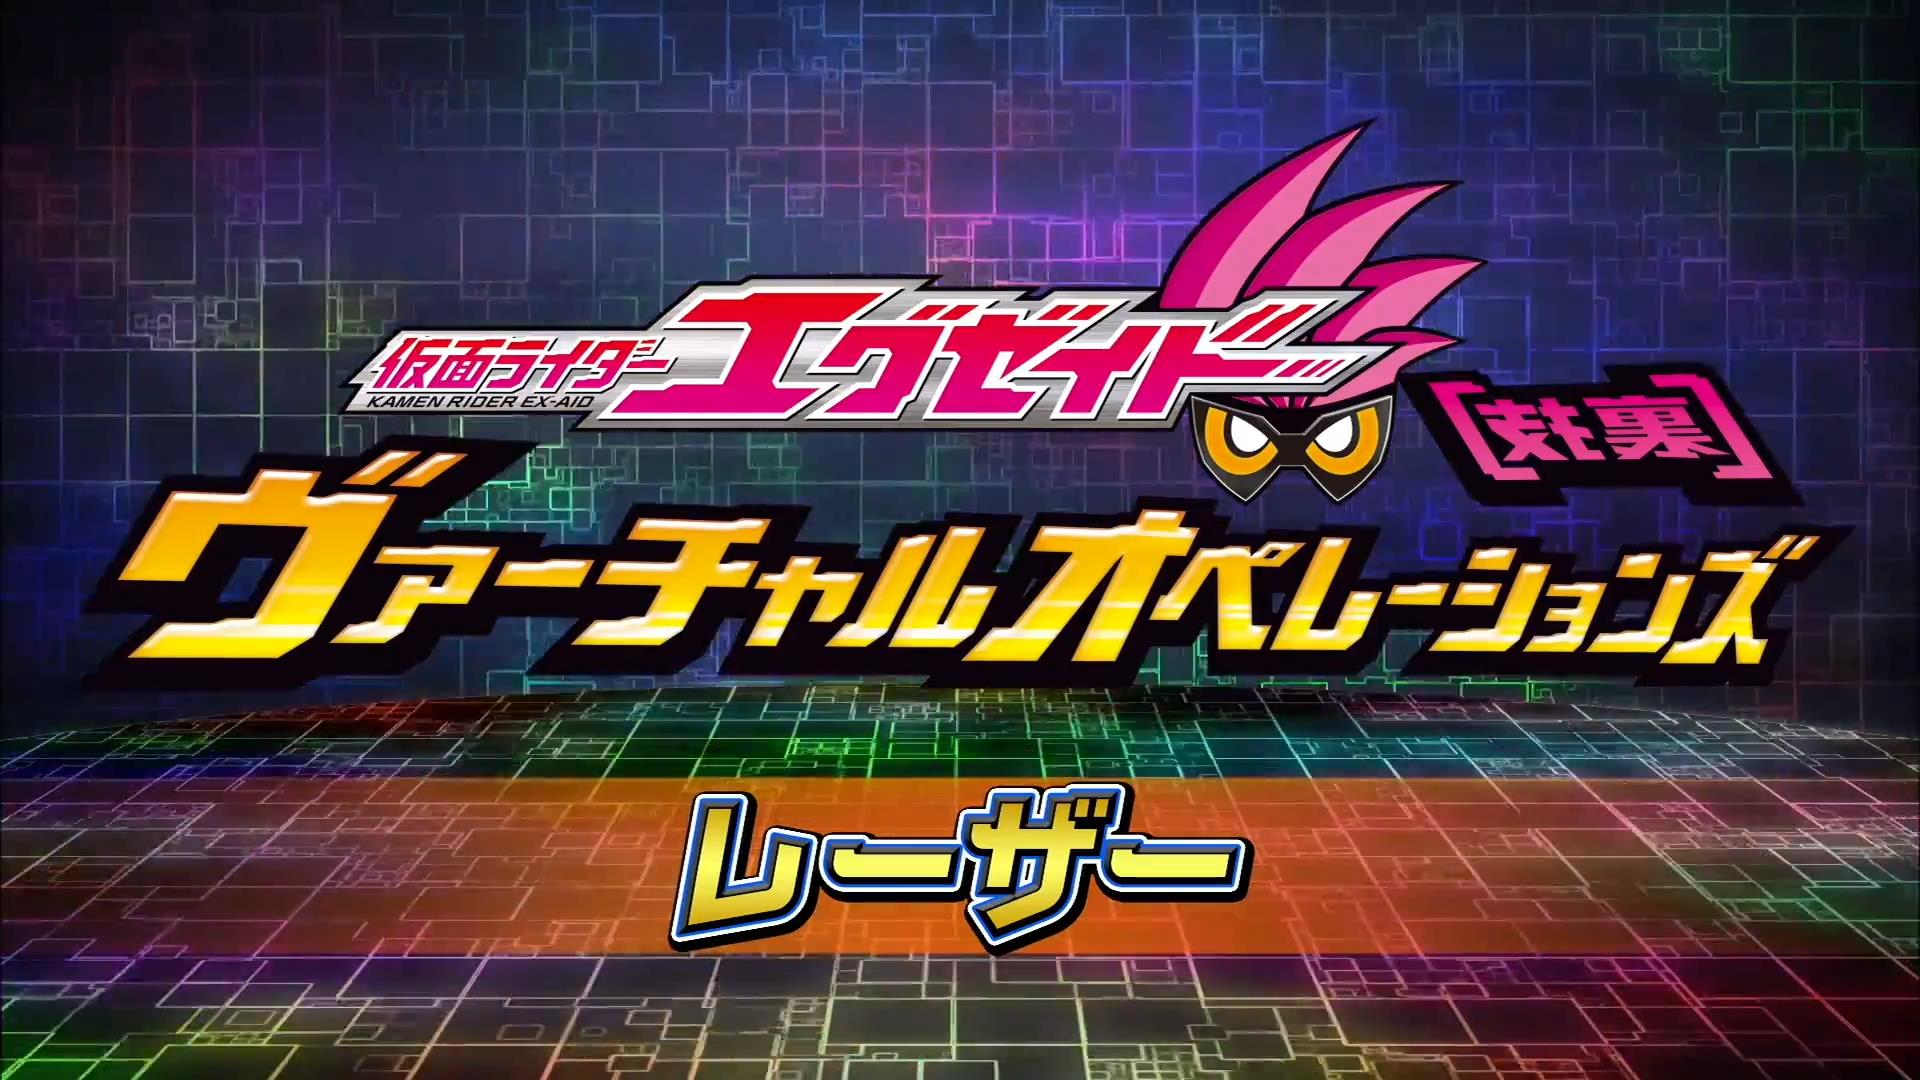 Lazer Chapter | Kamen Rider Wiki | Fandom